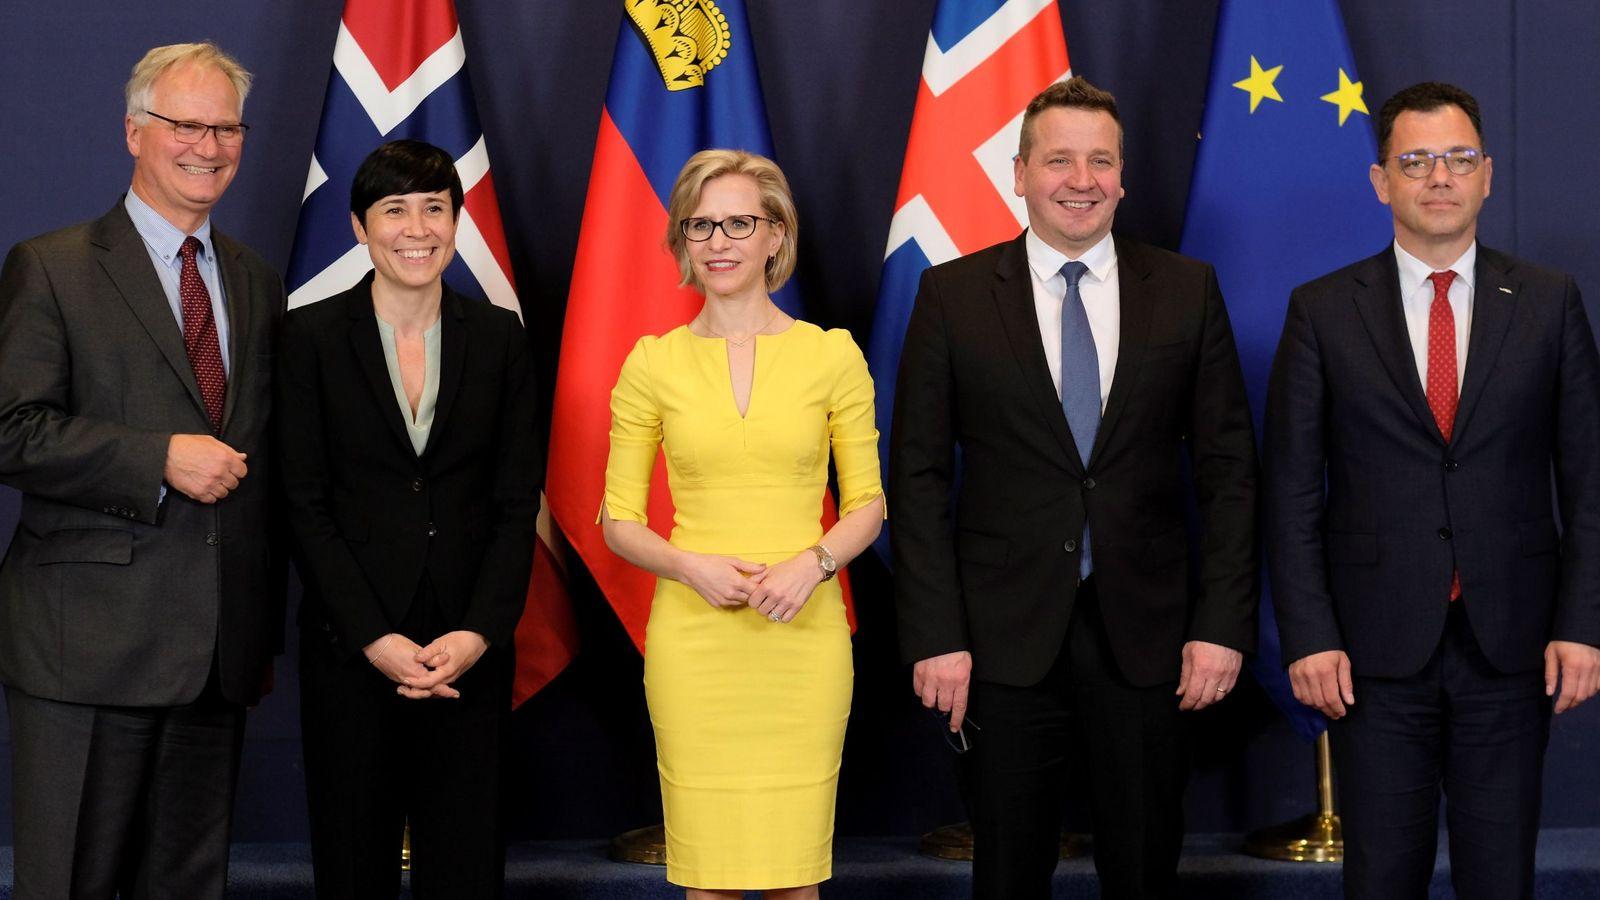 Foto: De izquierda a derecha, el director de Asuntos Europeos del Ministerio de Asuntos Exteriores (EFTA), Henri Gétaz, la titular noruega de Asuntos Exteriores, Ine Marie Eriksen Søreide y la ministra de Exteriores de Liechtenstein. (EFE)